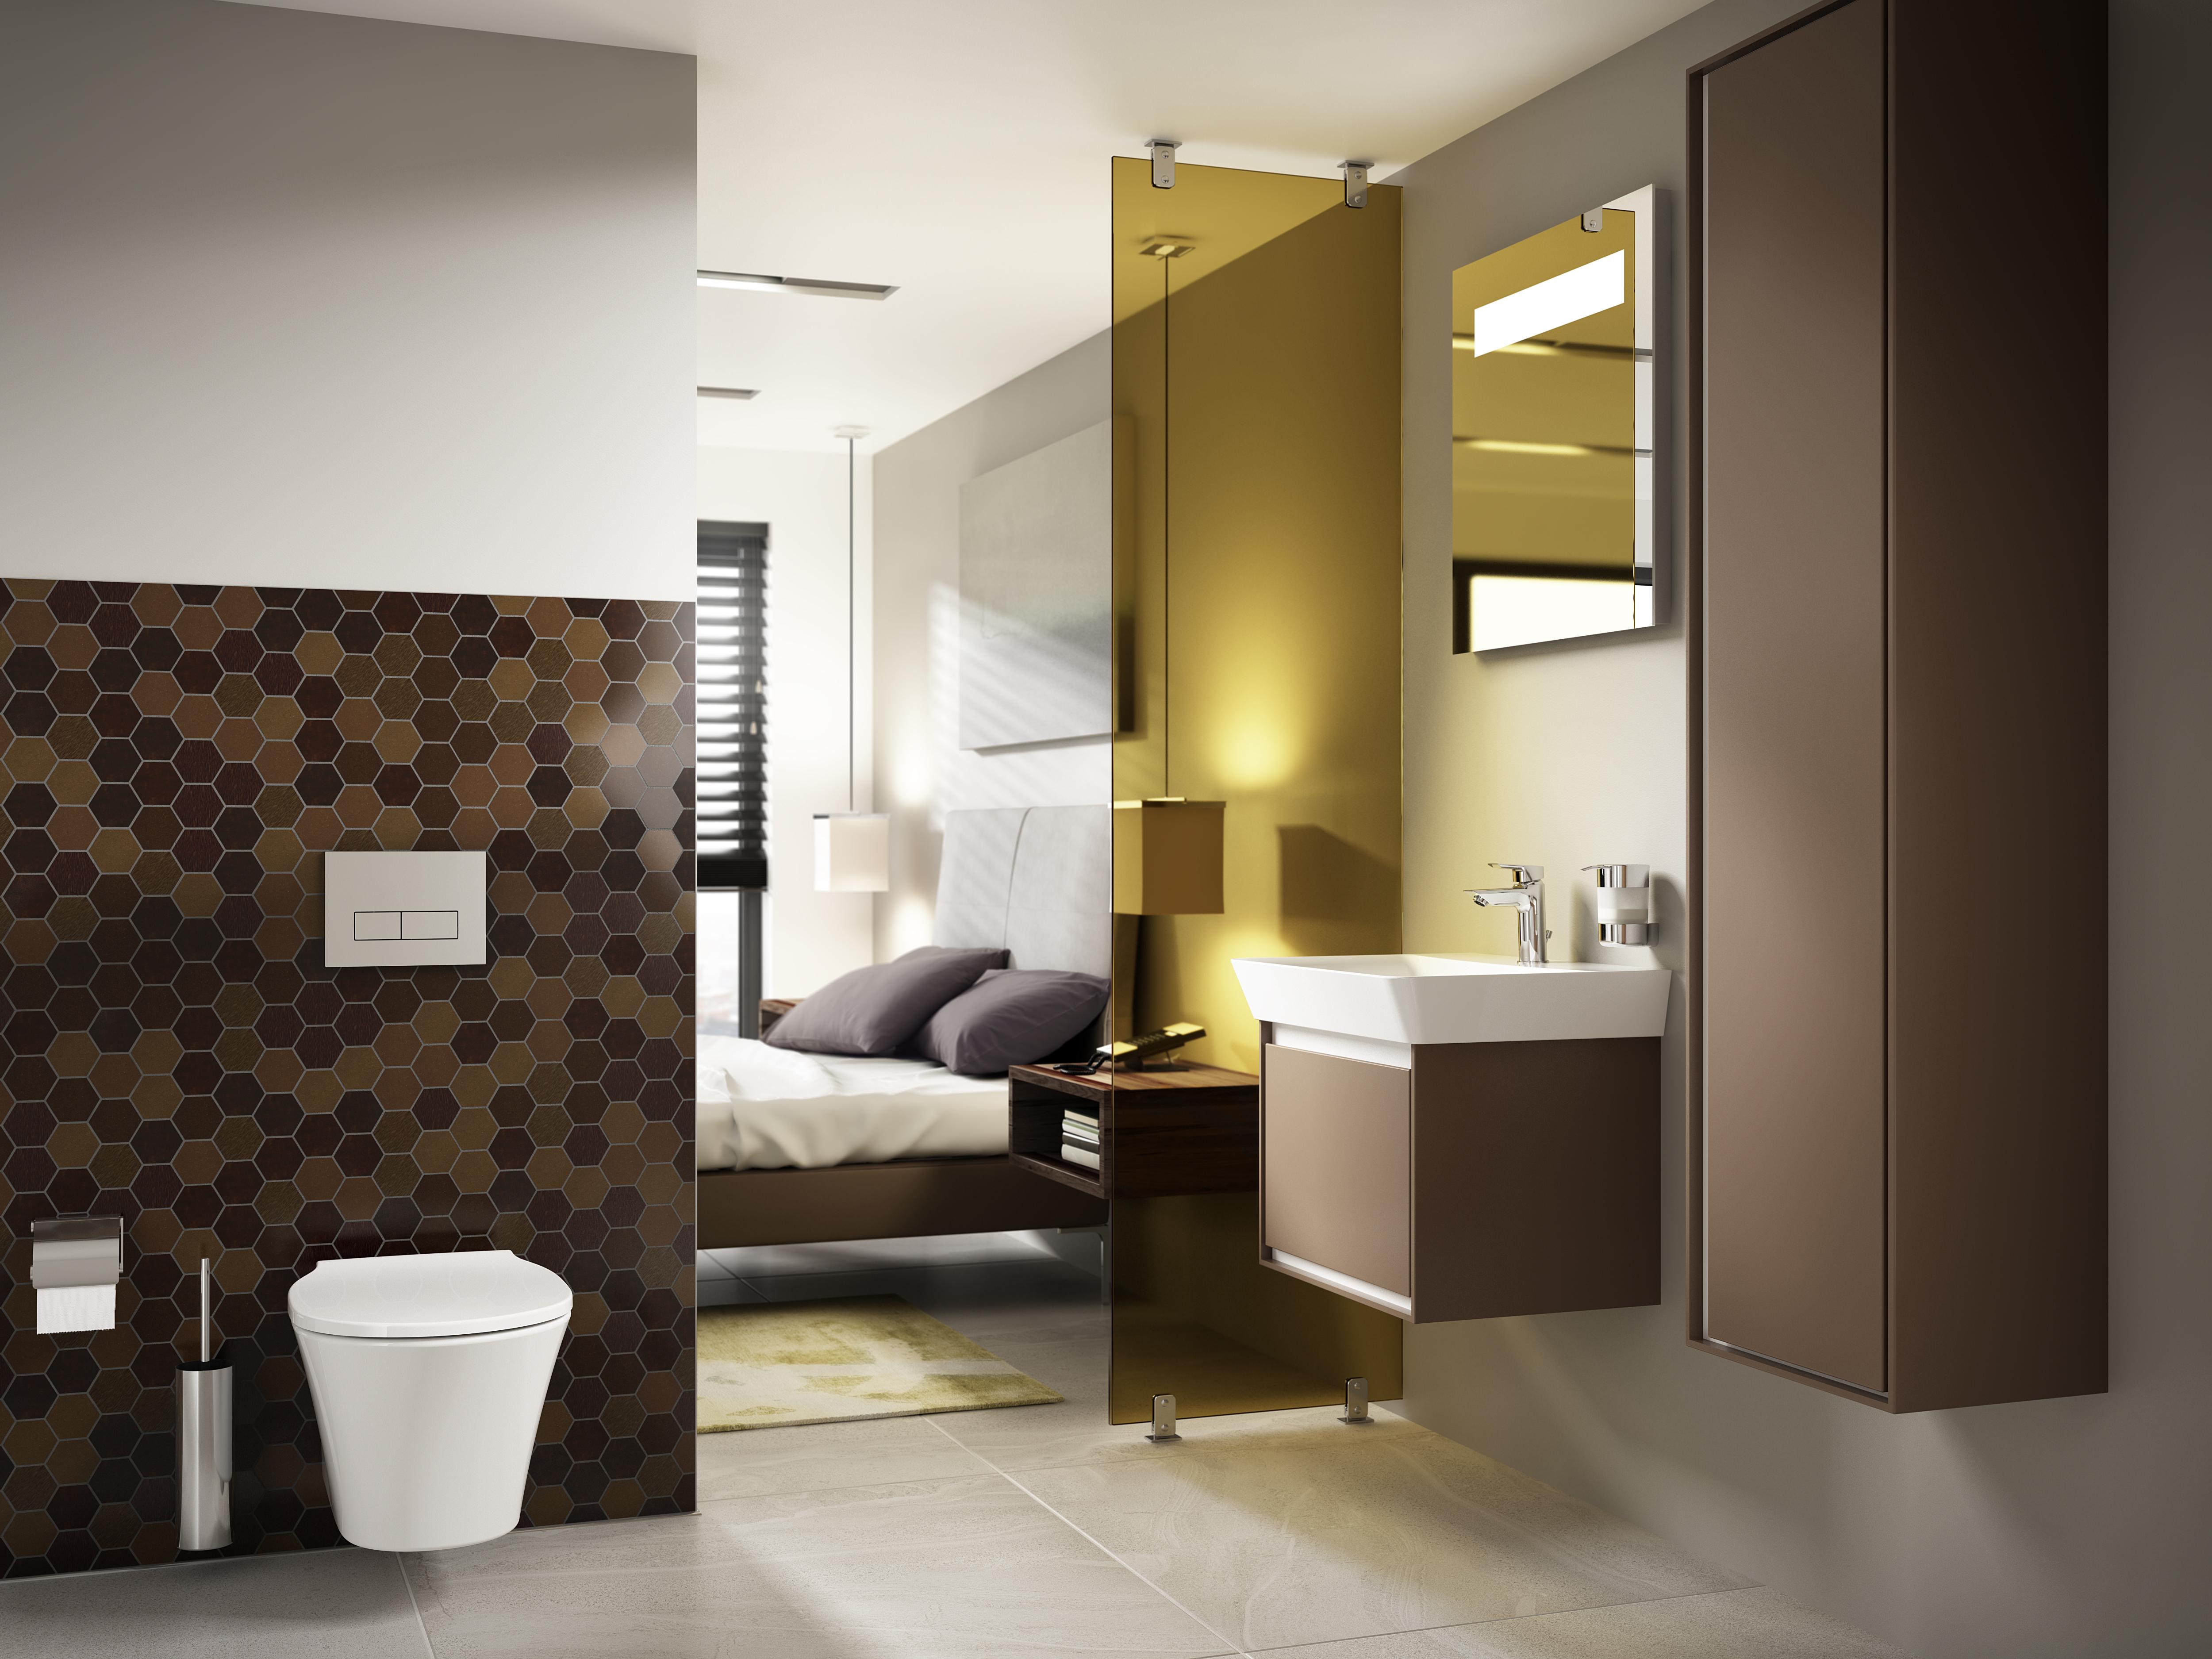 Badkamer Inspiratie - Voorlichtingsburo Wonen